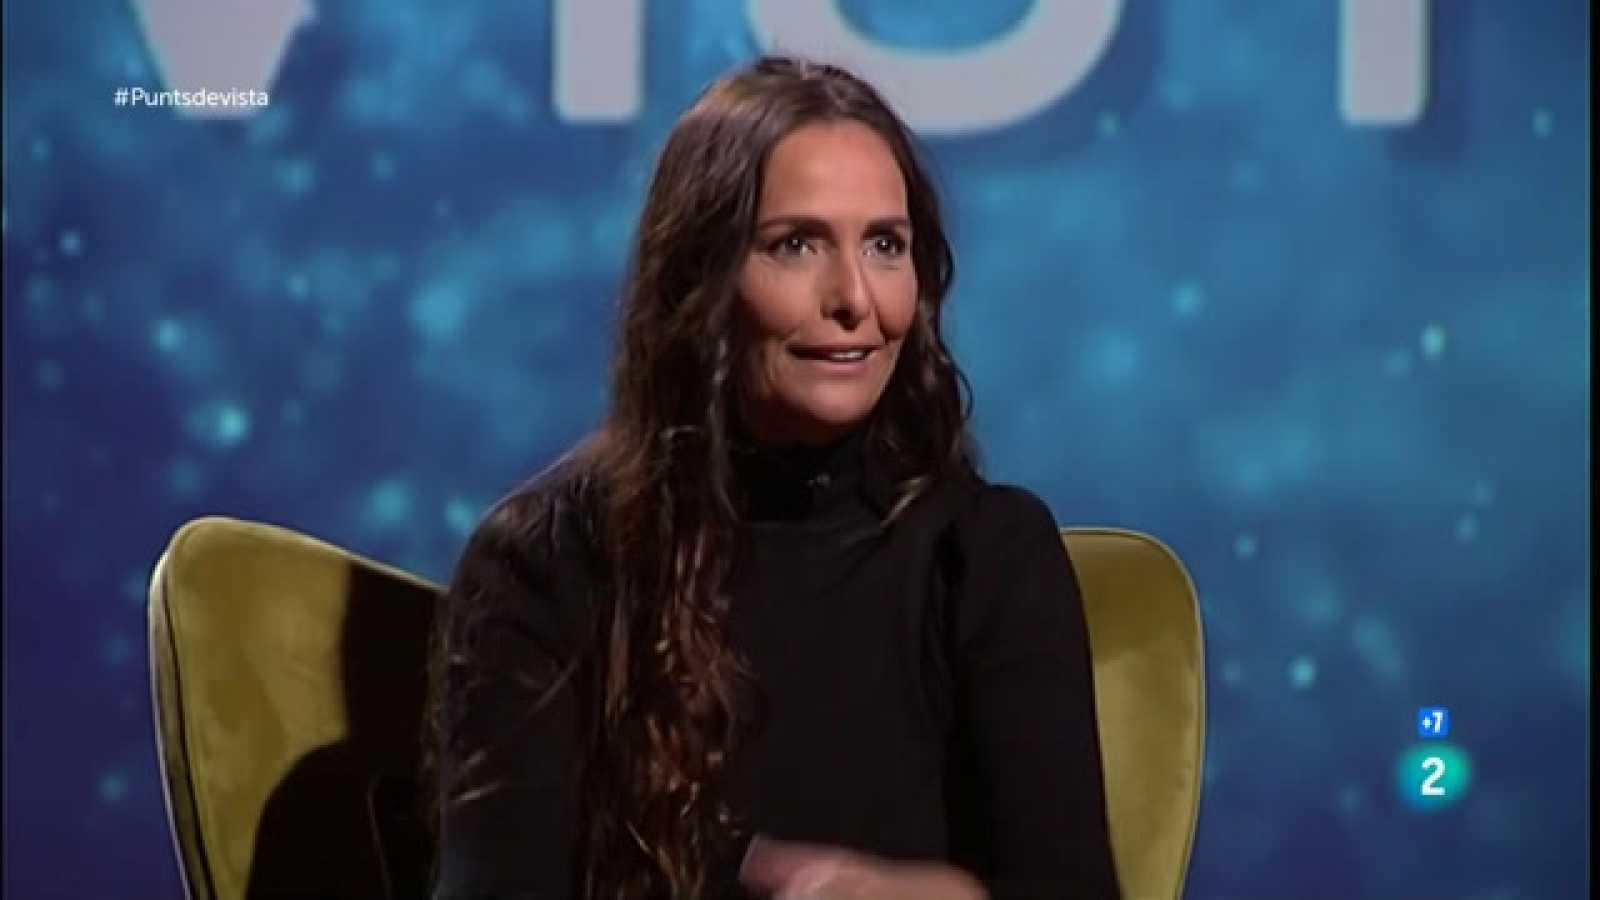 Entrevista Mónica Pérez a Punts de vista